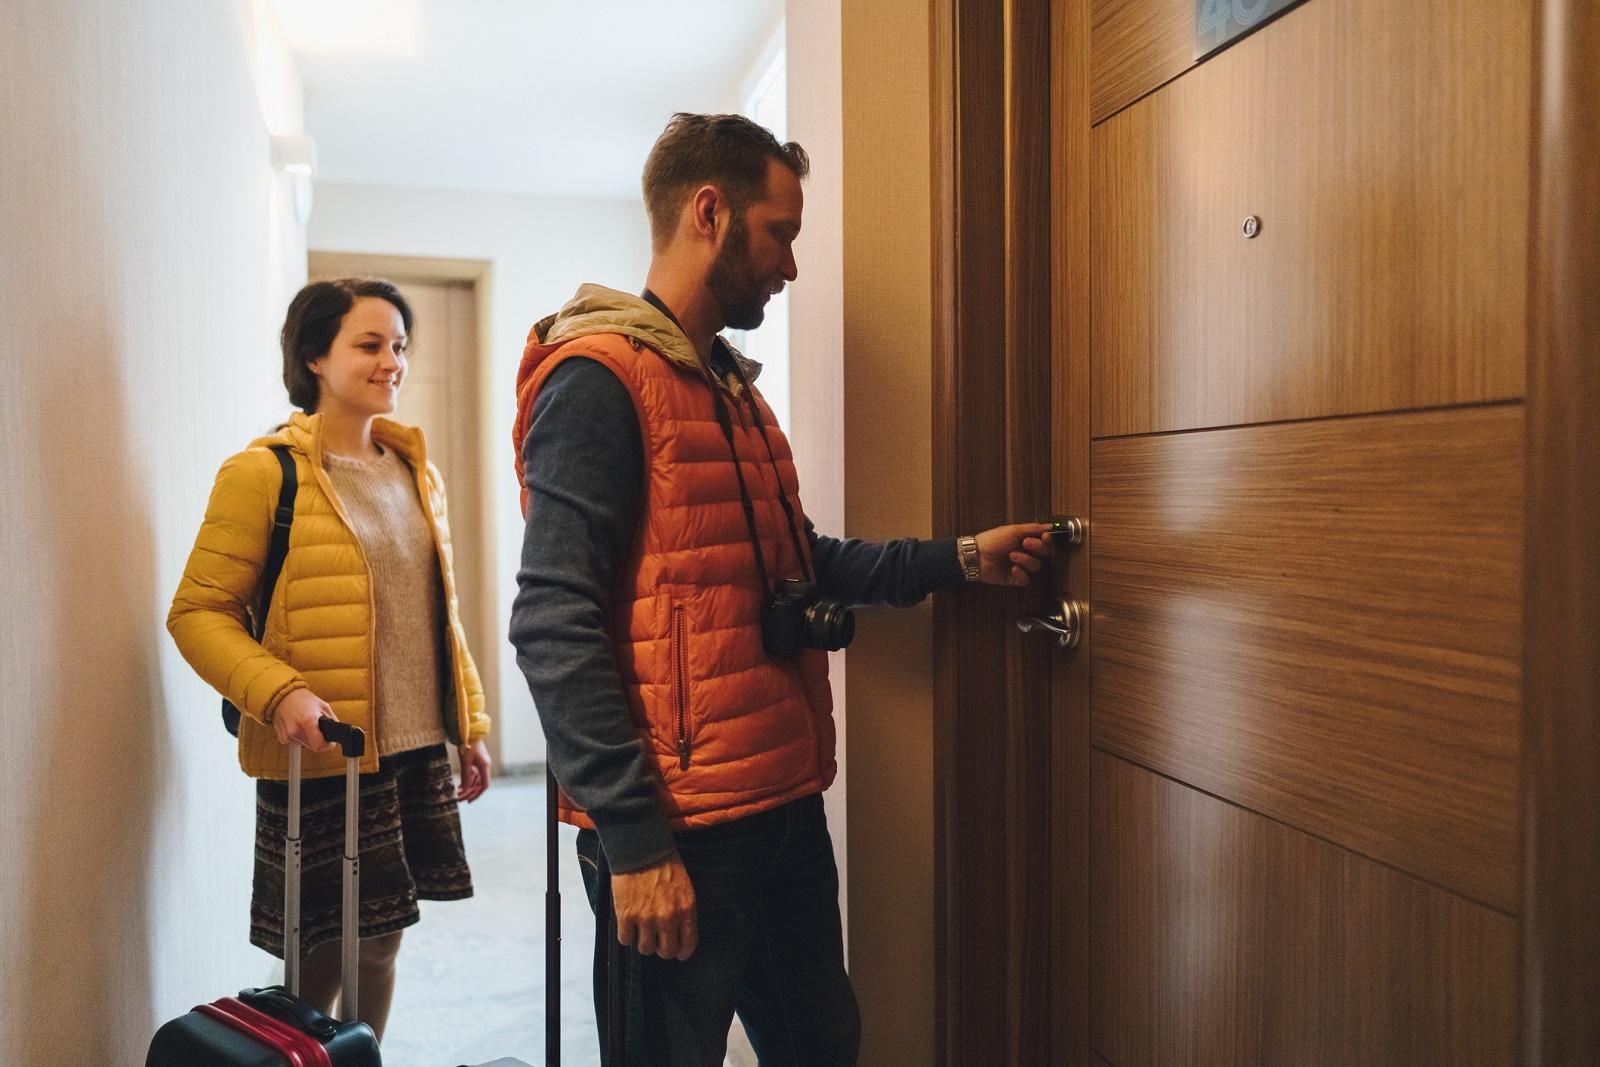 Drzwi wewnątrzlokalowe. Jakie powinny być?